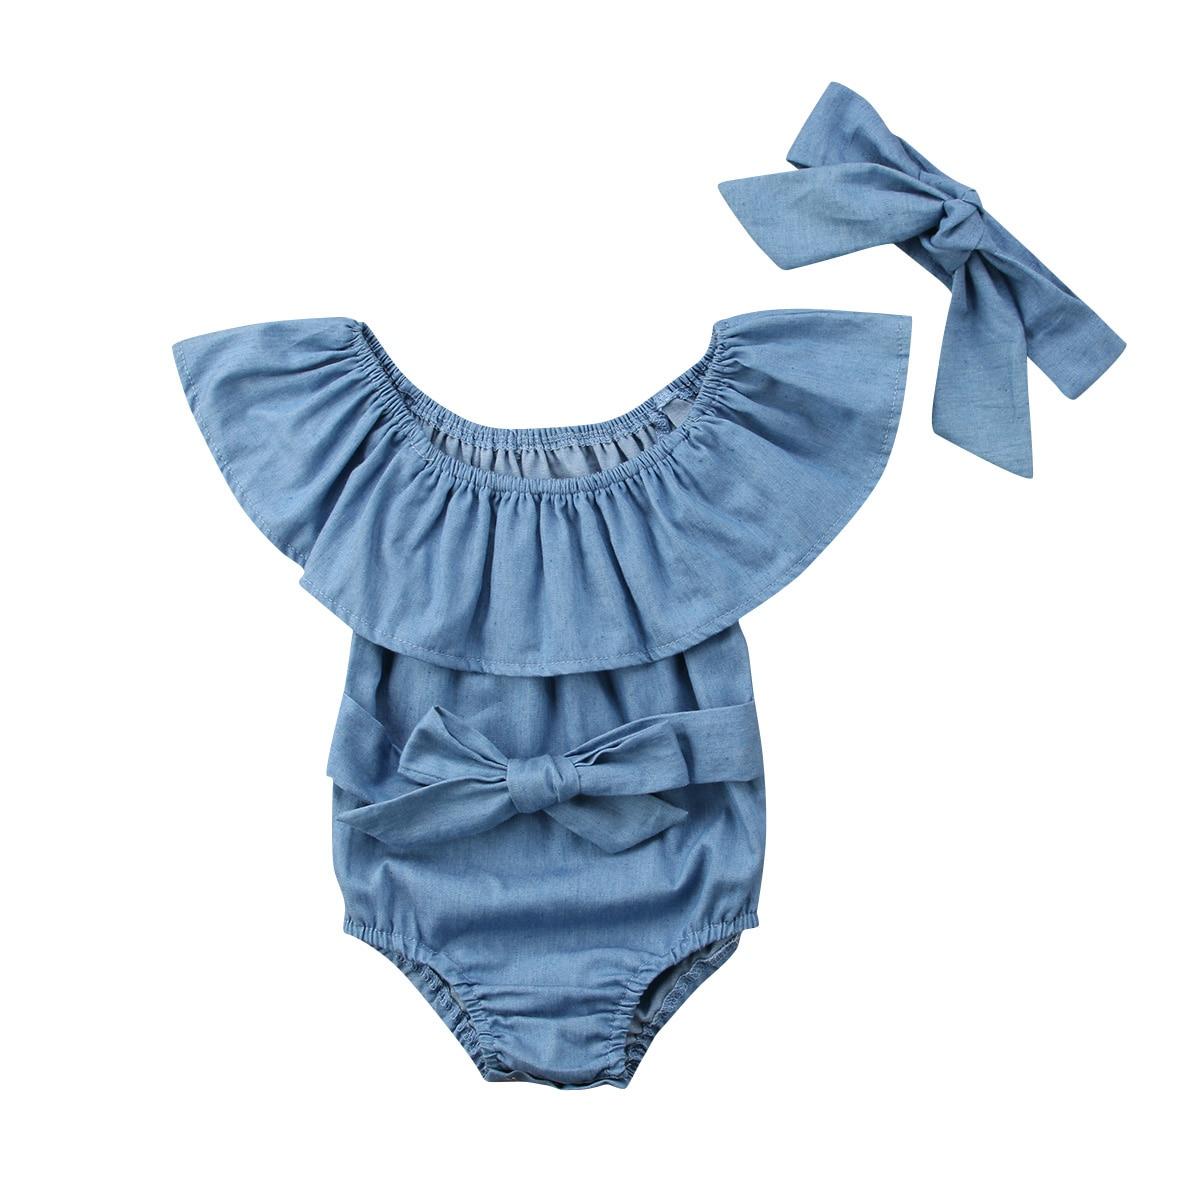 2Pcs Newborn Kids Ruffles Denim Romper Baby Girls Front Bowknot Jumpsuit Outfits Clothes Innrech Market.com